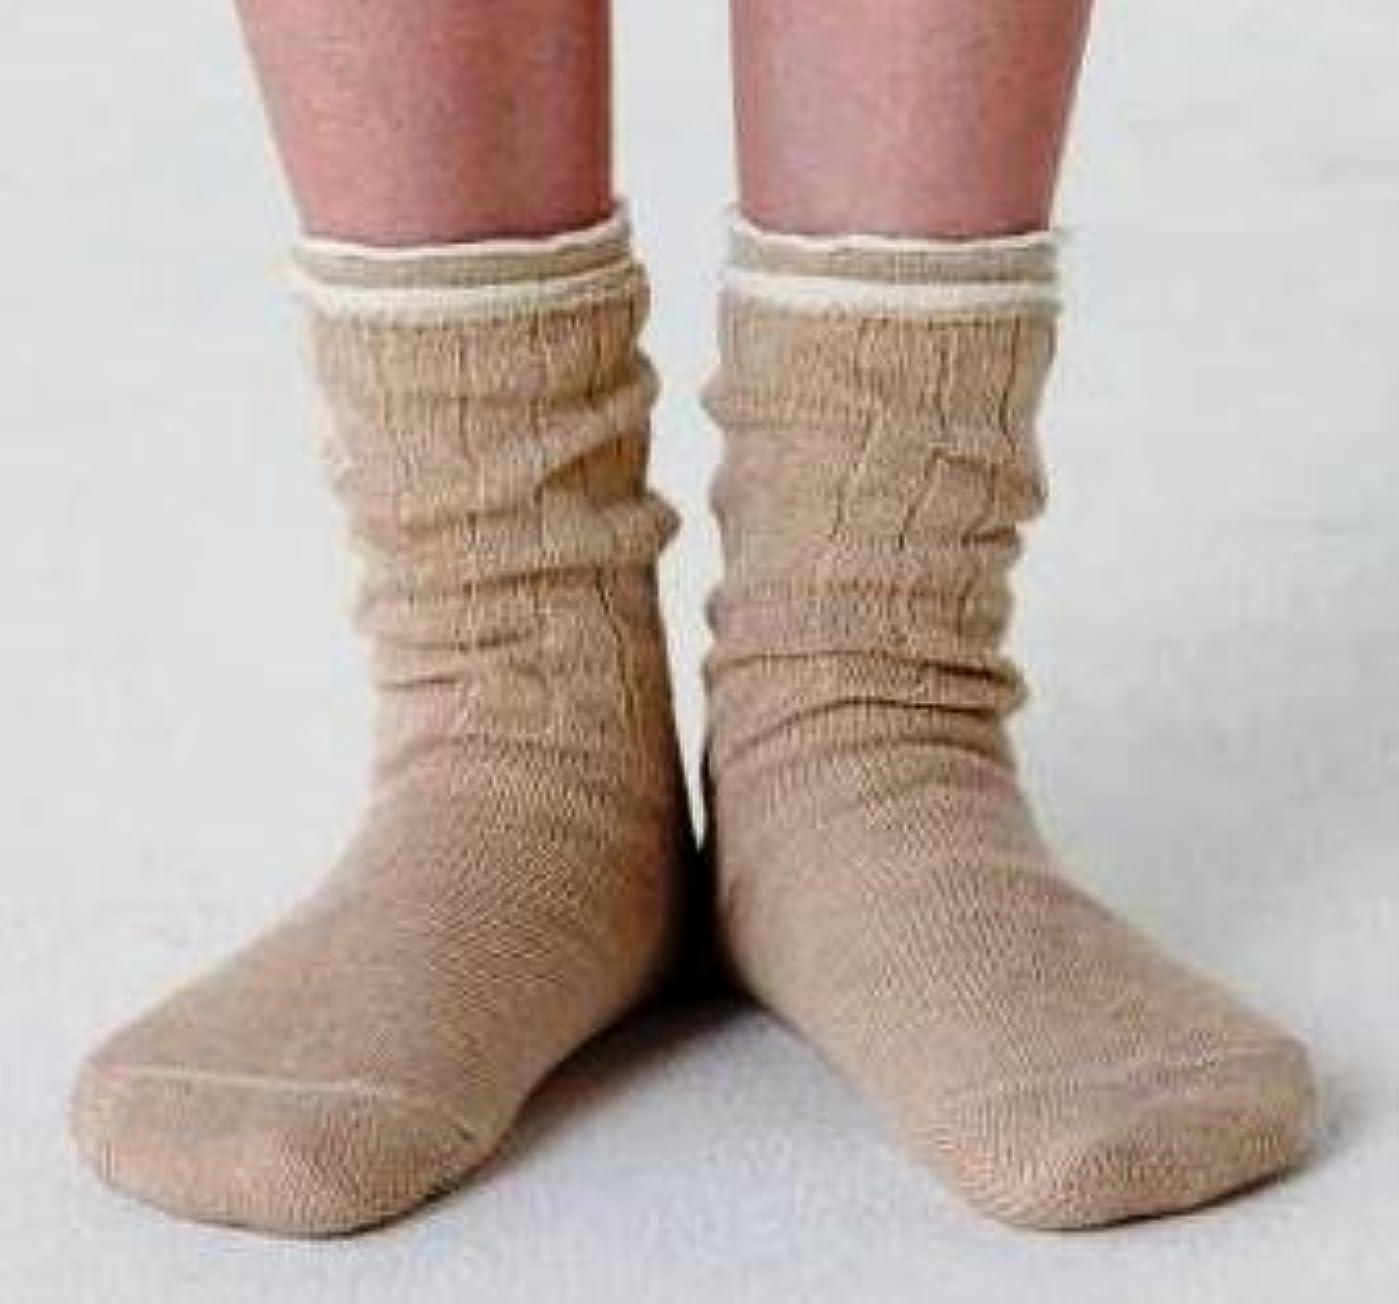 電気的コンピューター最終的に冷え取り靴下 4枚重ね履きソックス(絹?綿?絹?綿) サイズ:22~24.5cm